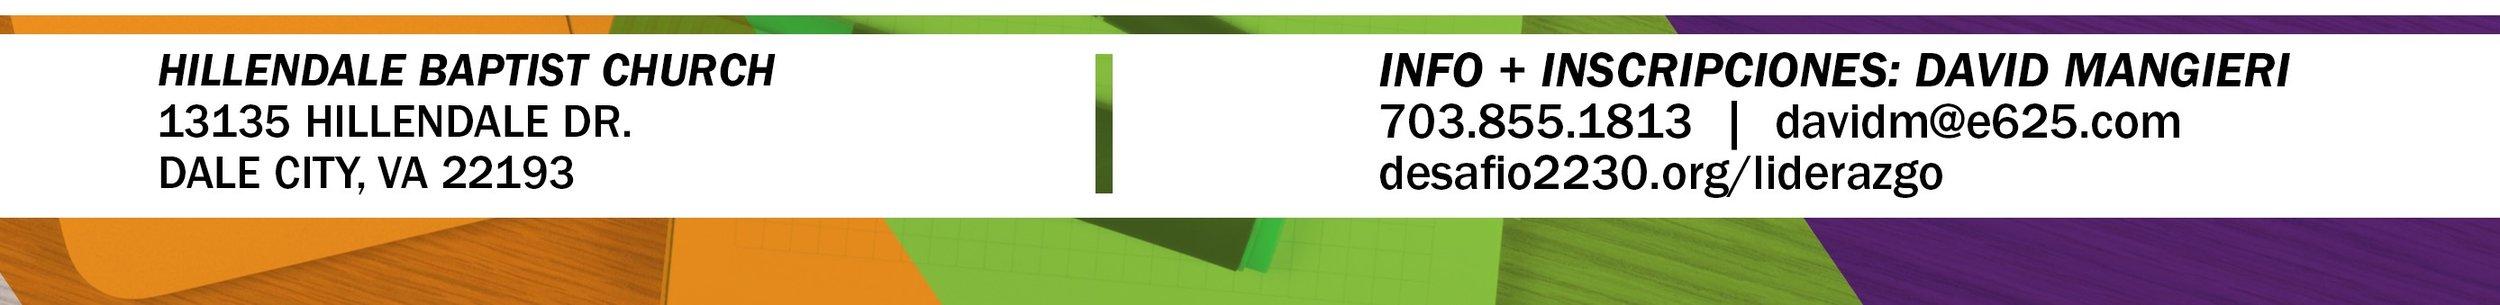 e625 Banner 3.jpg